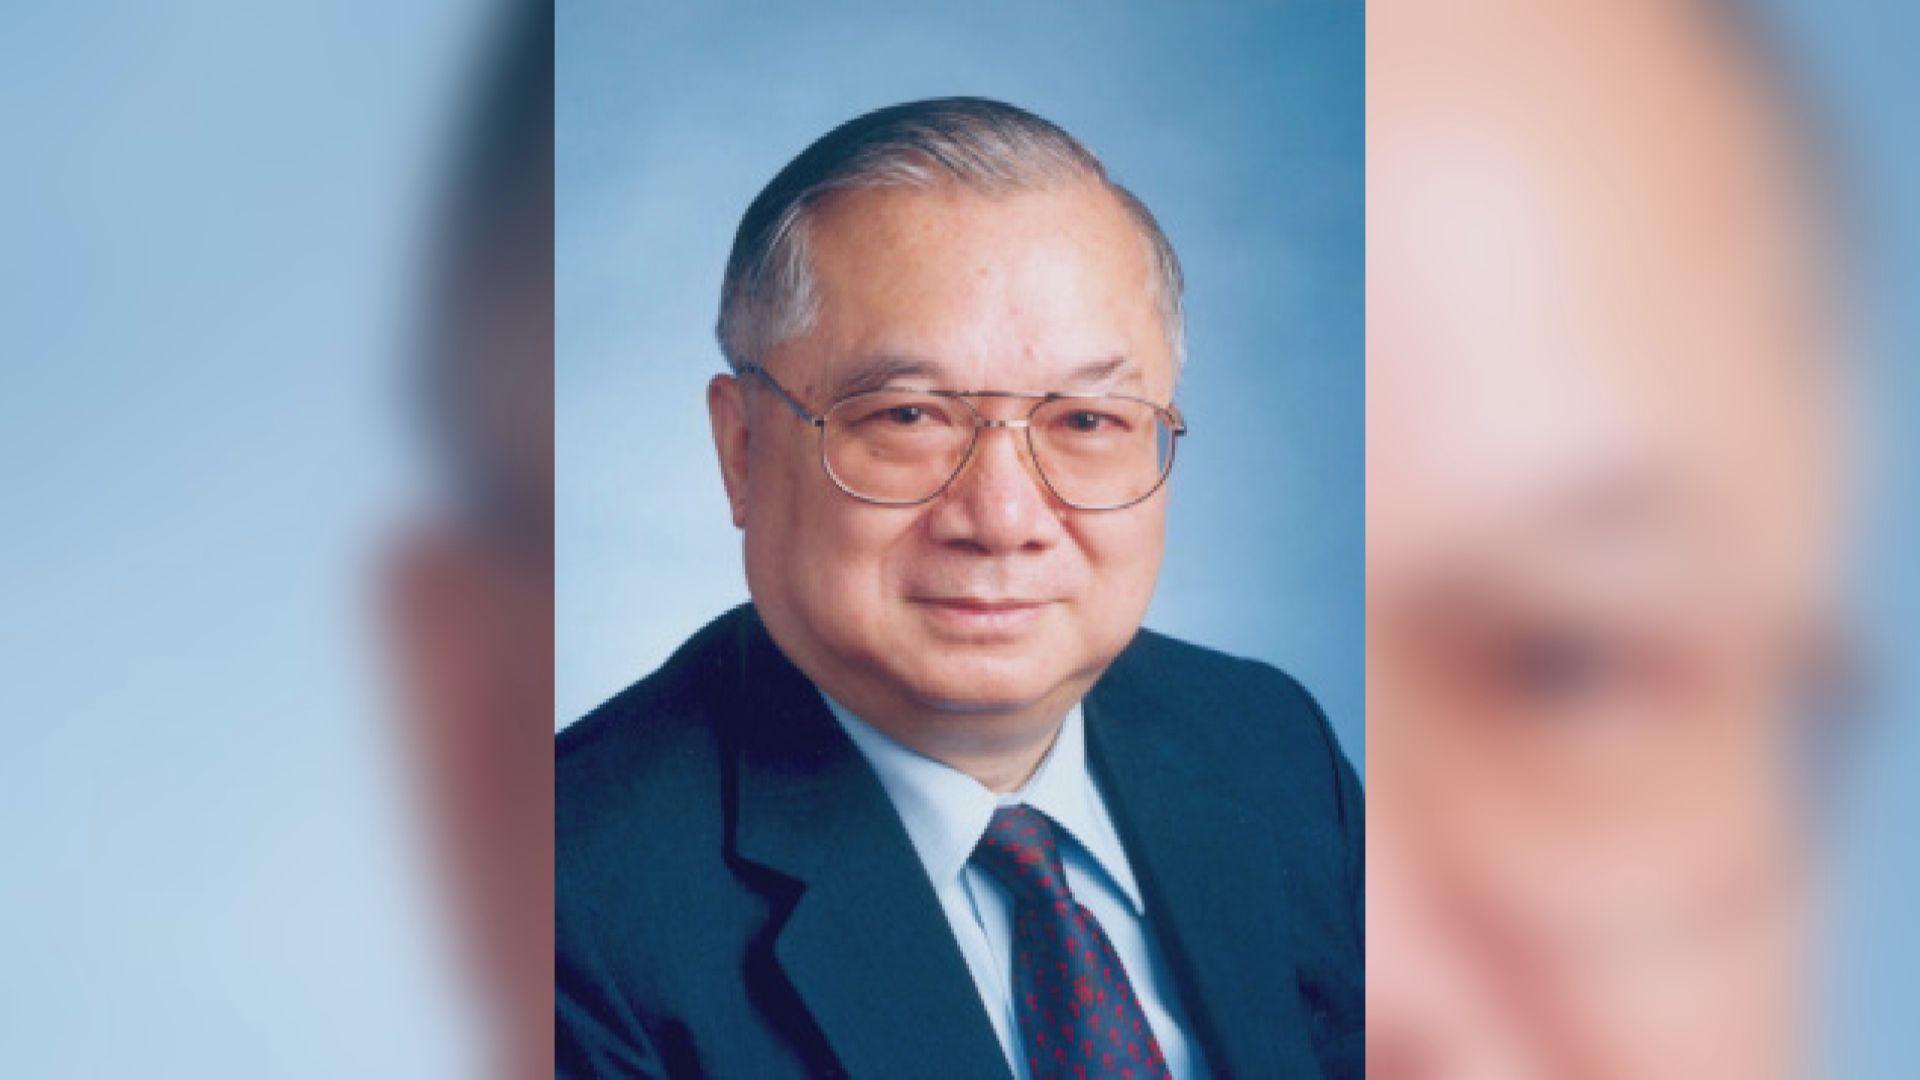 深圳表彰40名模範人物 包括港人胡應湘徐揚生